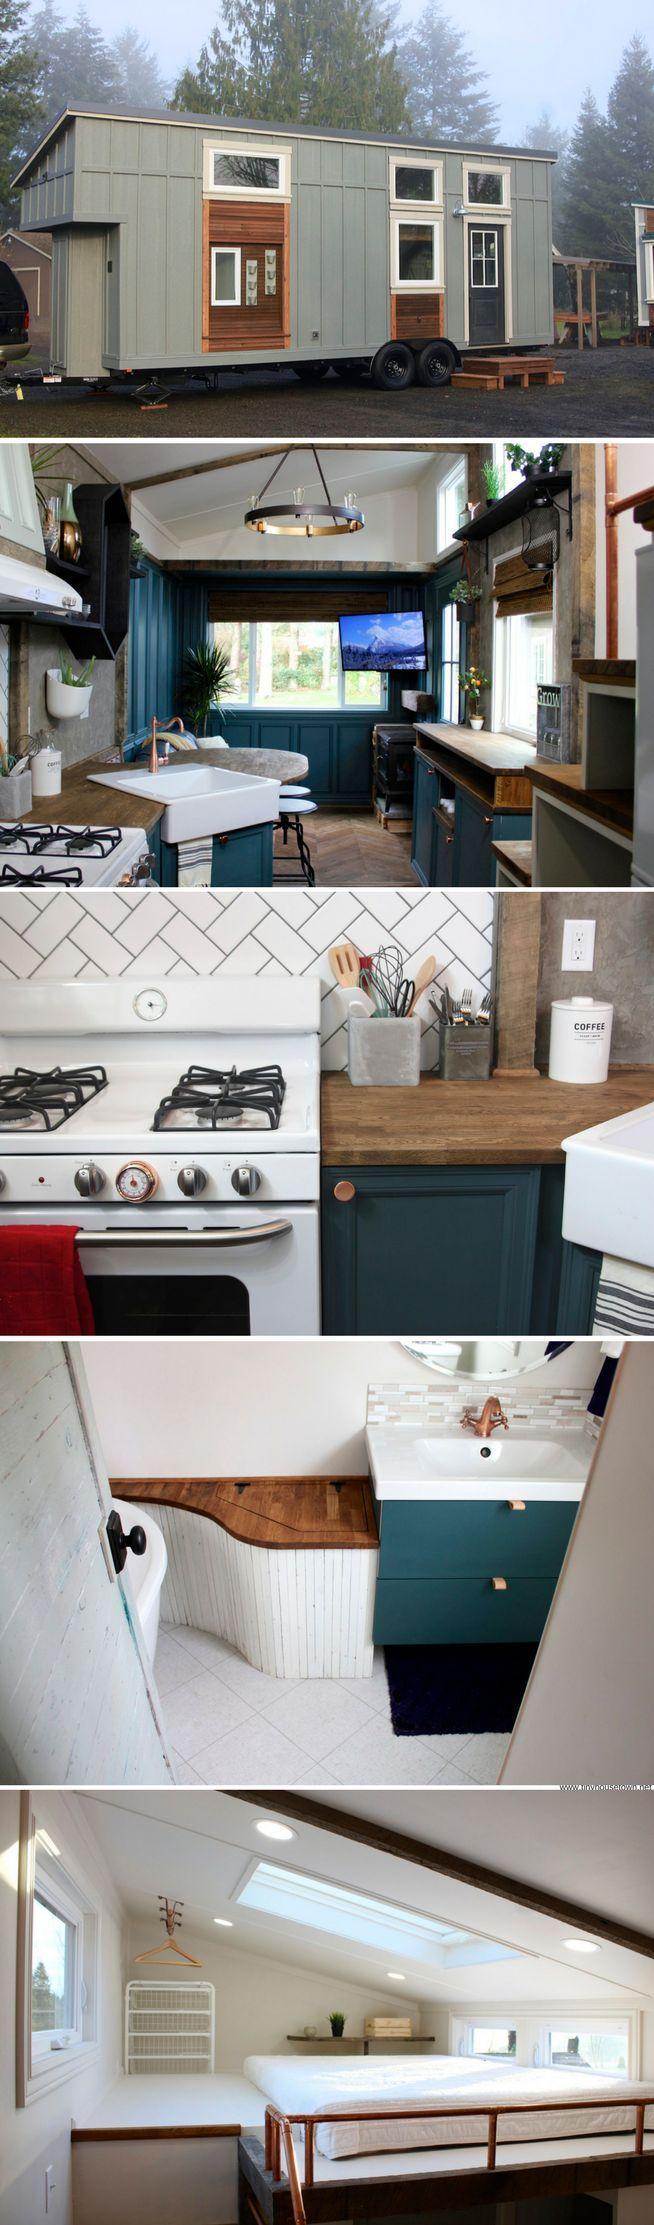 Small Bathroom Stools 17 Best Ideas About Bathroom Stools On Pinterest Large Style